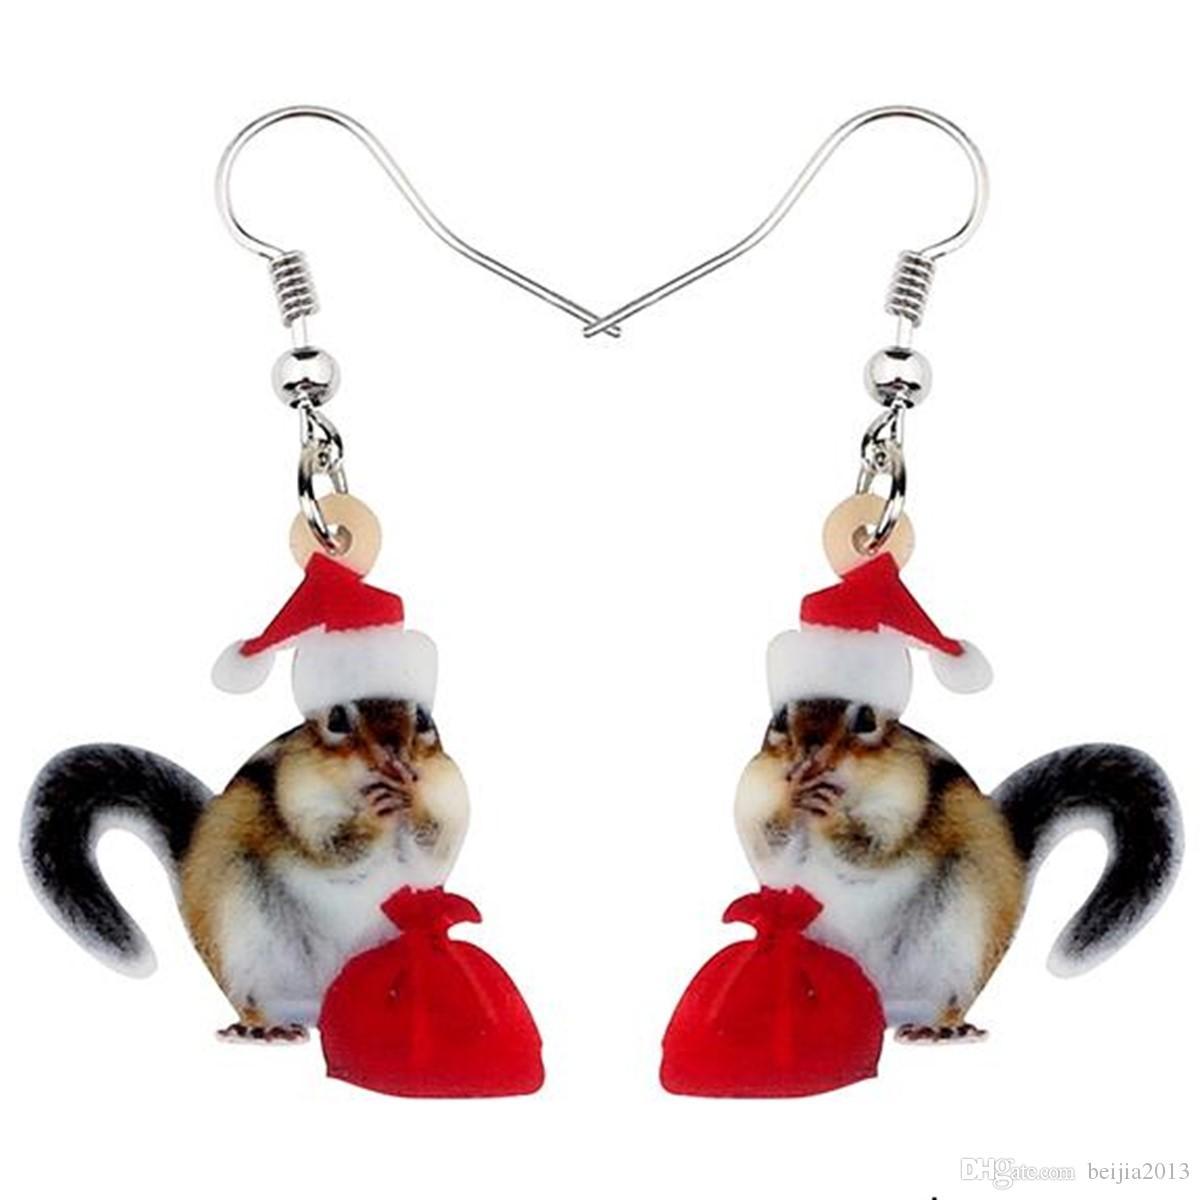 아크릴 크리스마스 달콤한 다람쥐 선물 가방 귀걸이 동물 펜던트 쥬얼리 여성 여자 어린이 축제 장식 매력 선물